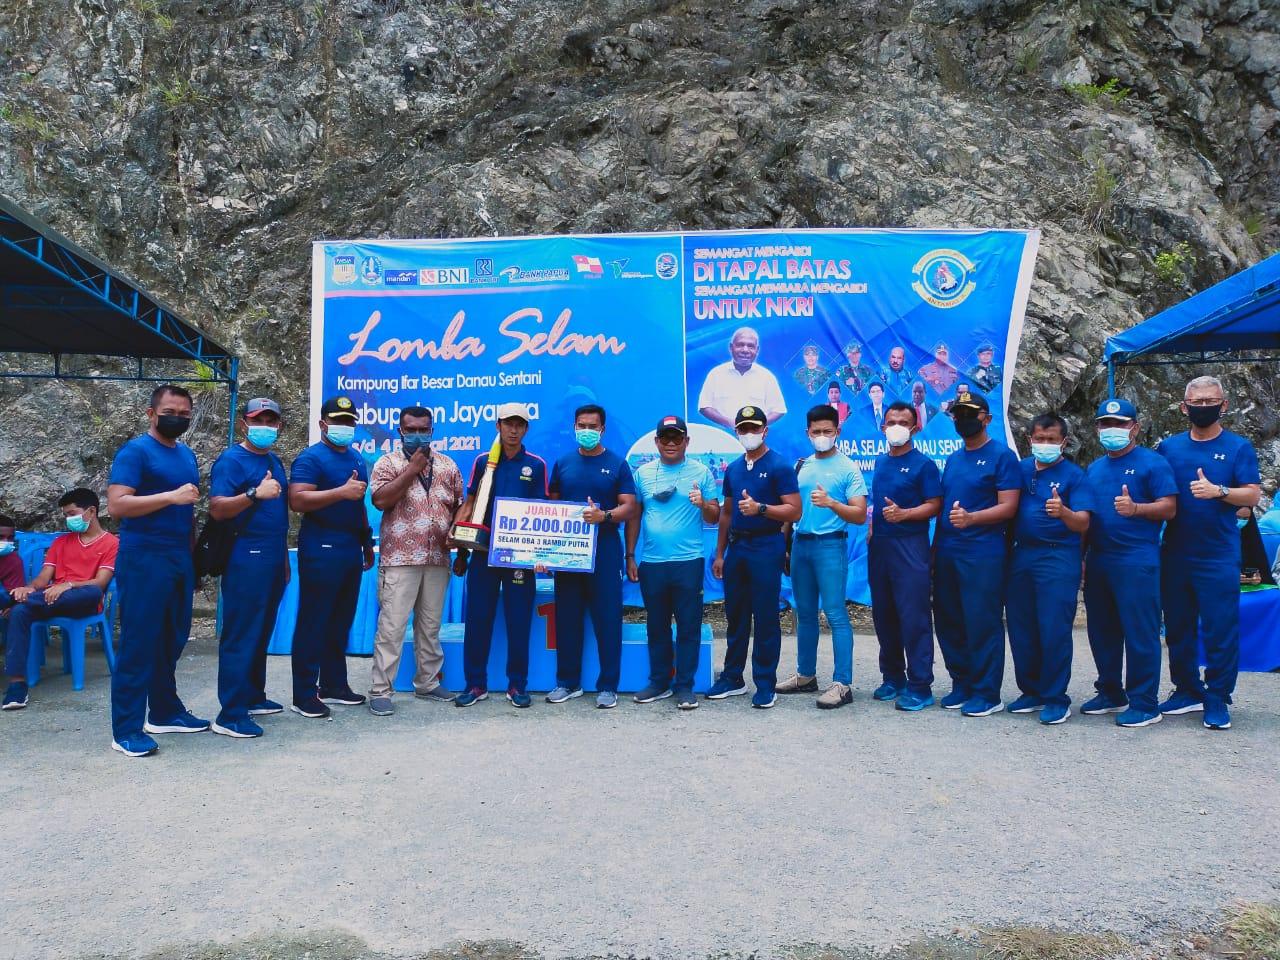 Personel SPKKL Jayapura Bakamla RI Raih Juara Dua Lomba Selam Danau Sentani